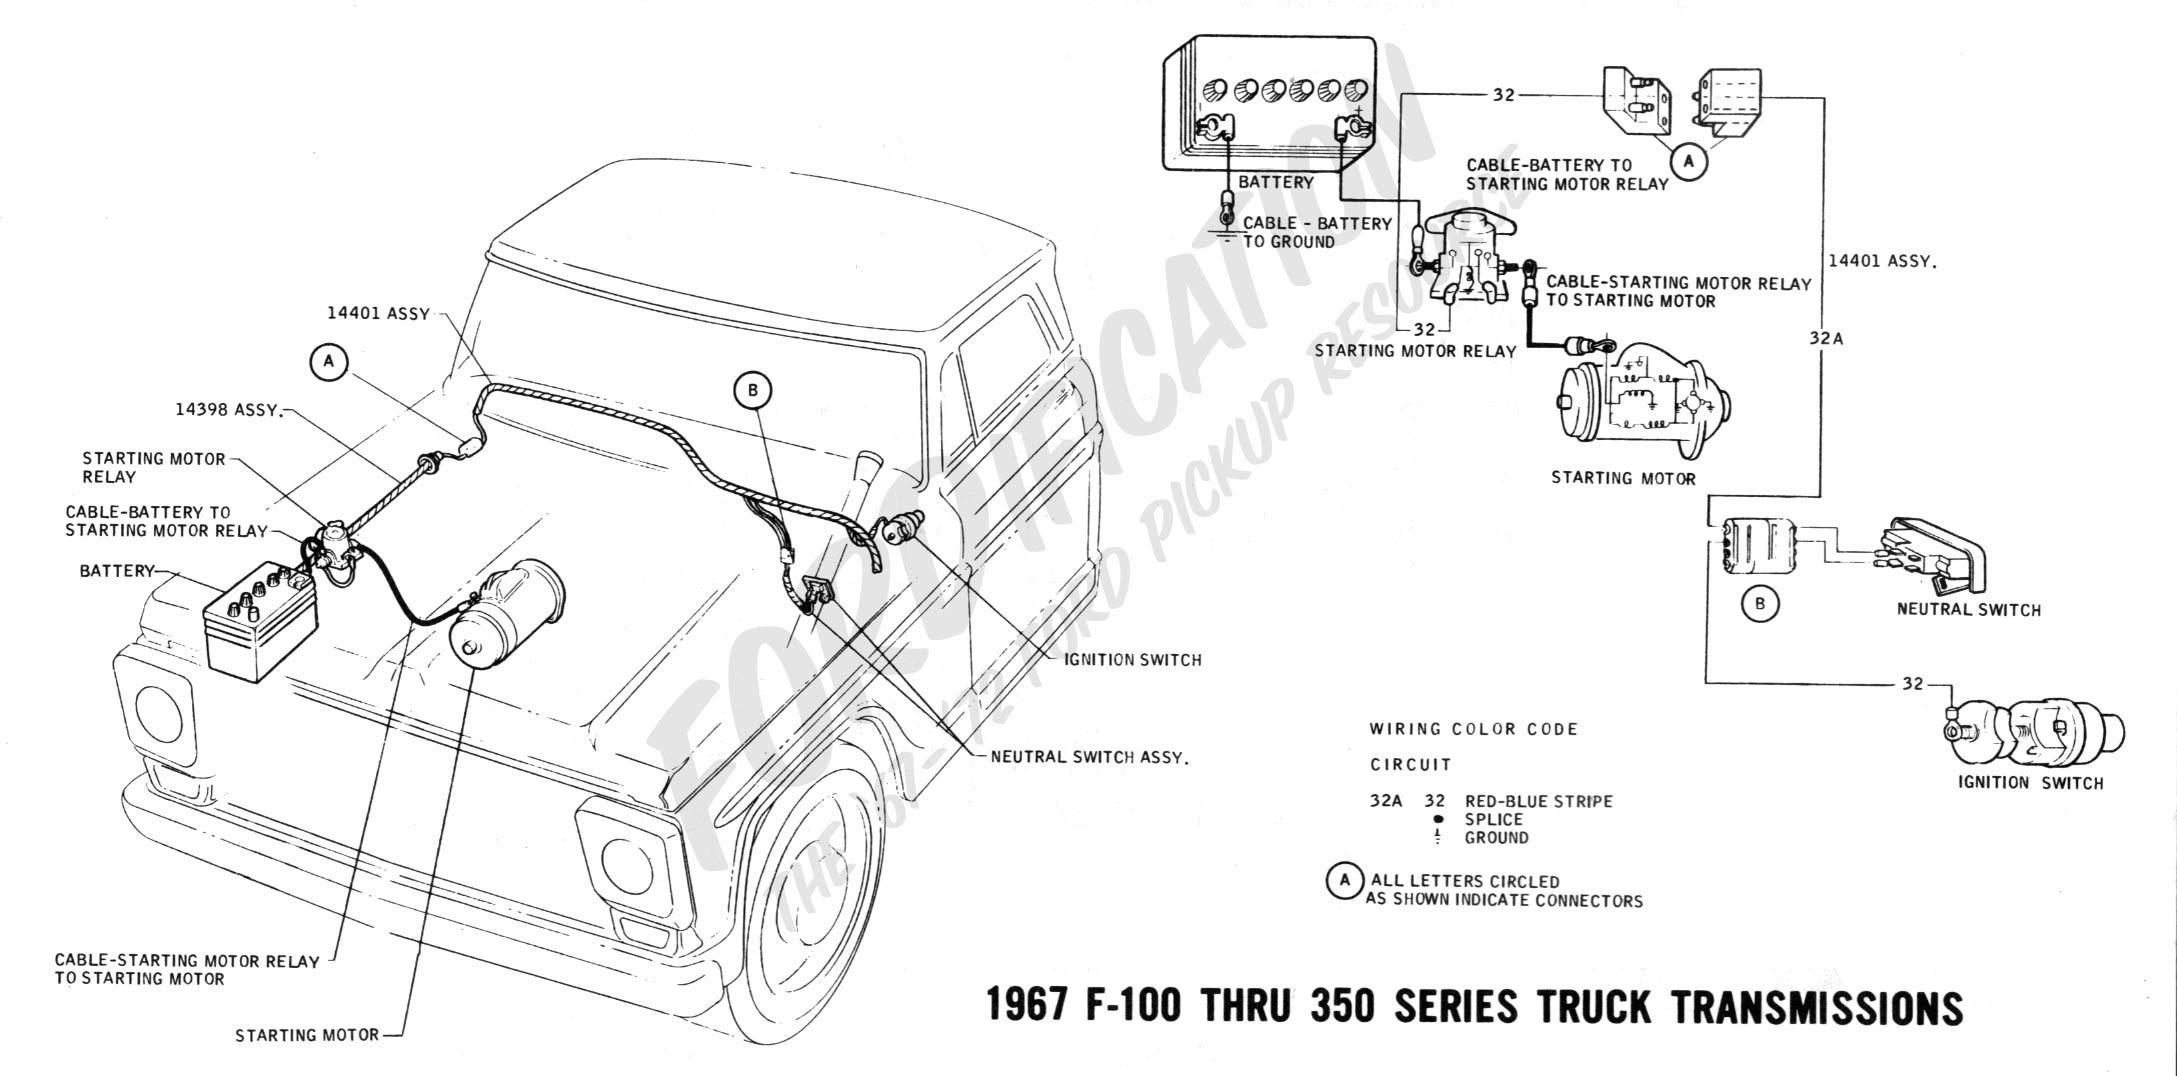 4 6 Ford Engine Diagram 2 Wiring For Backup Alarm Save Back Up Best Starter Motor Of